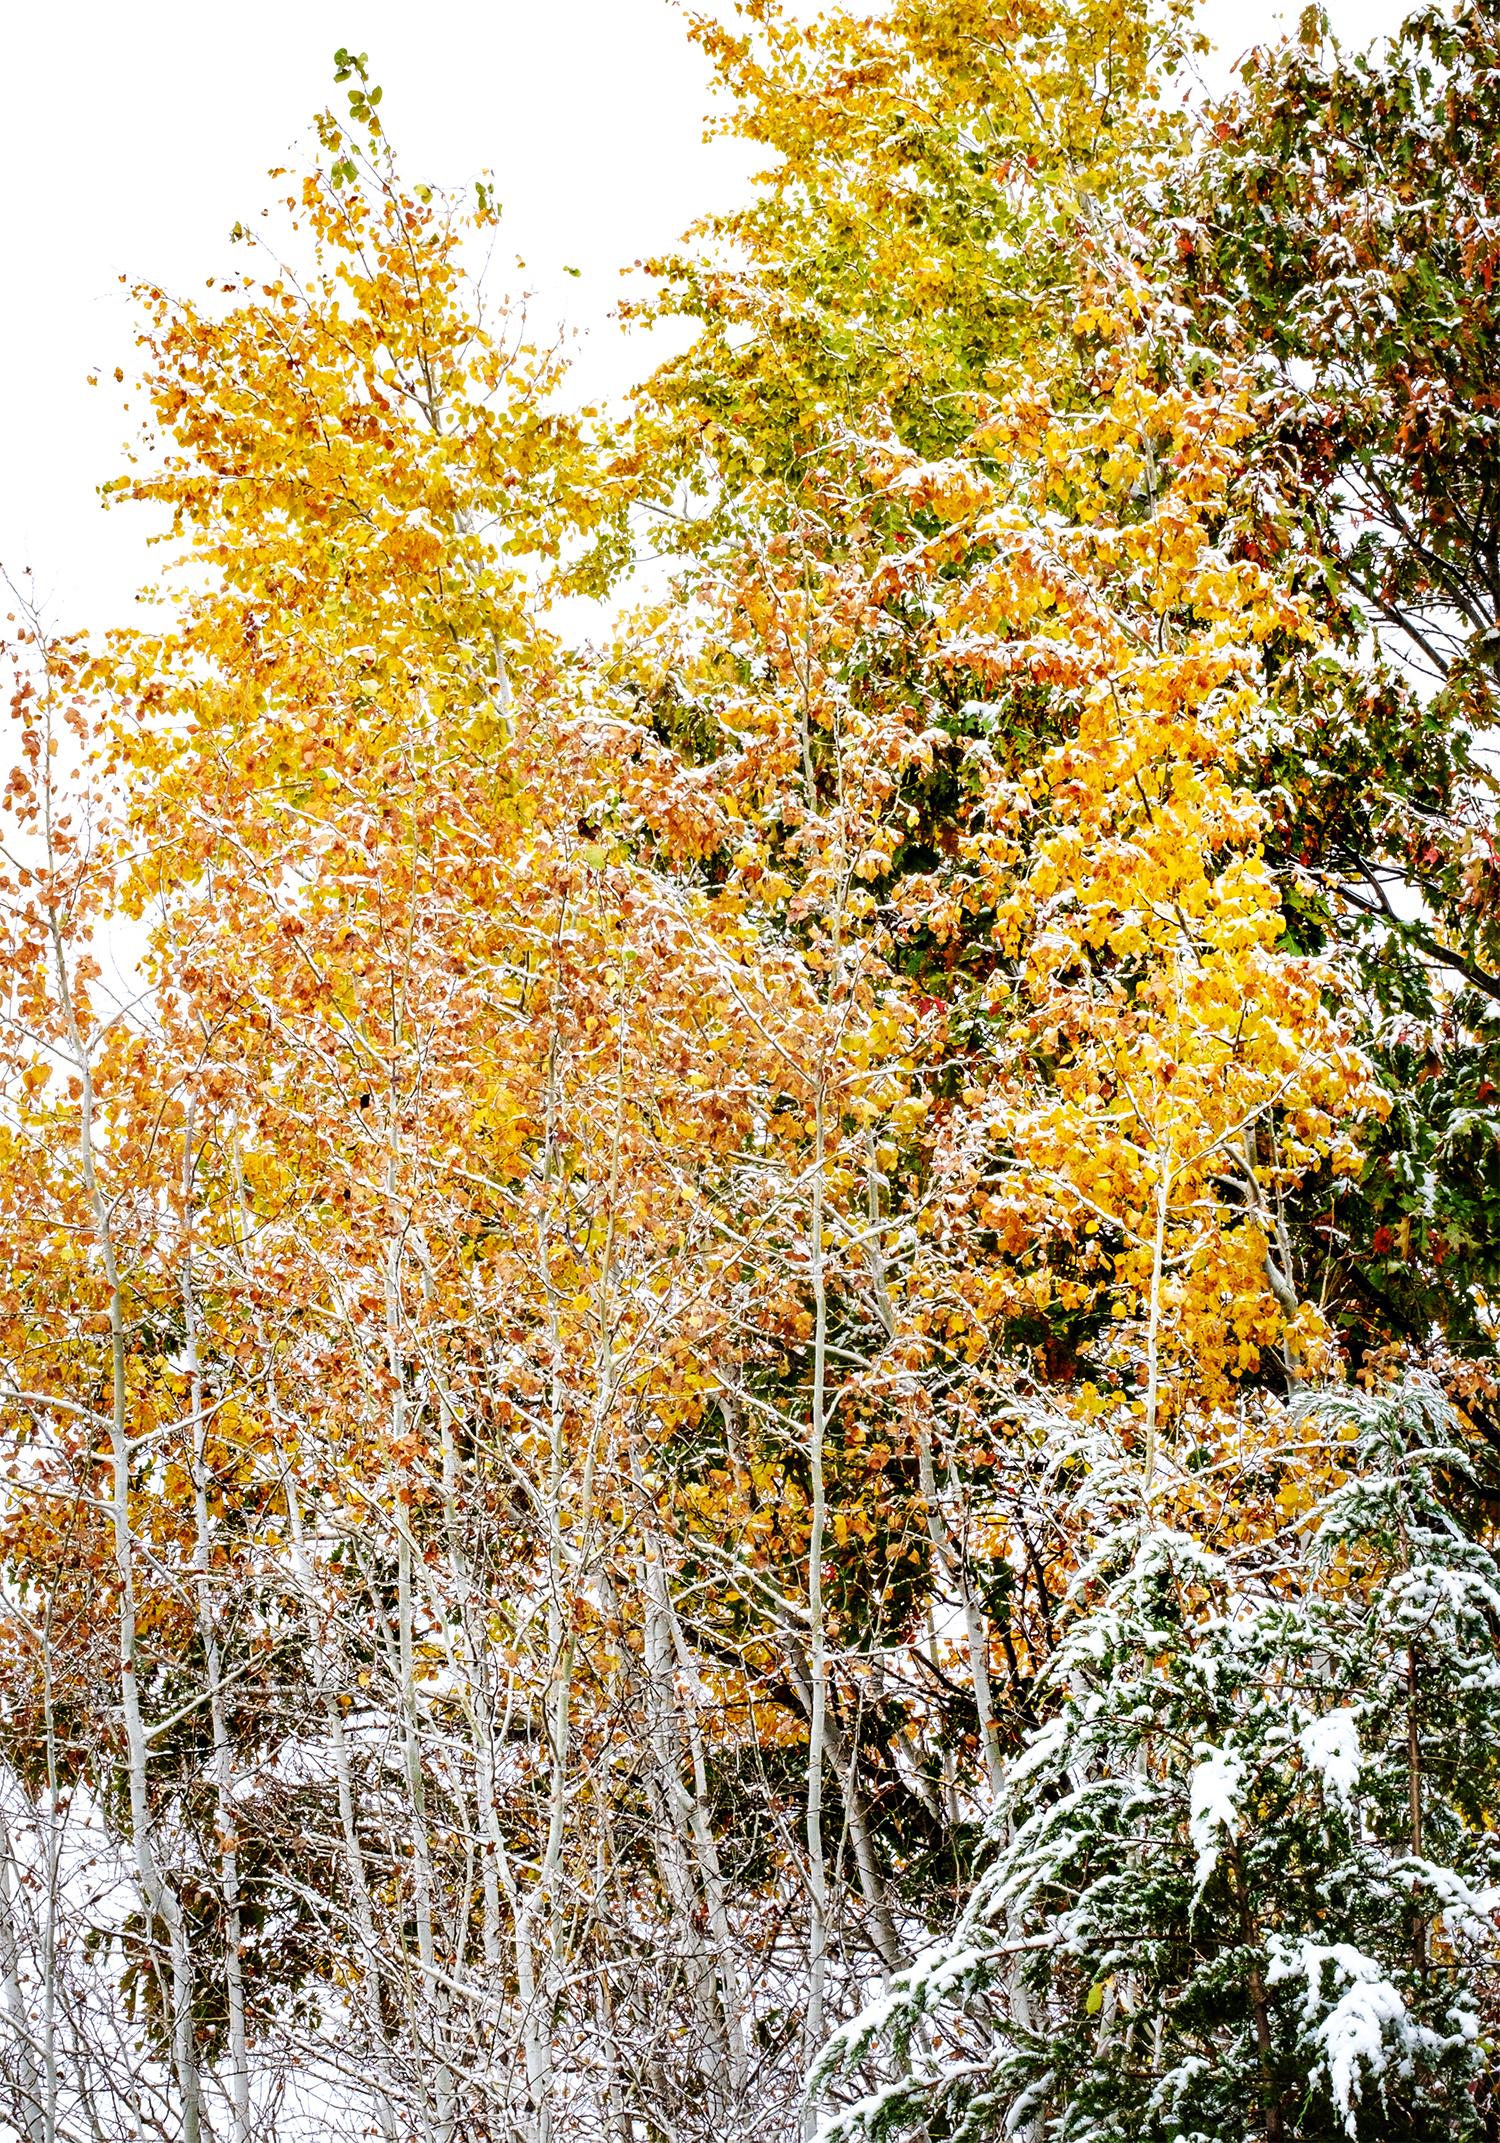 Snow on tree leaves